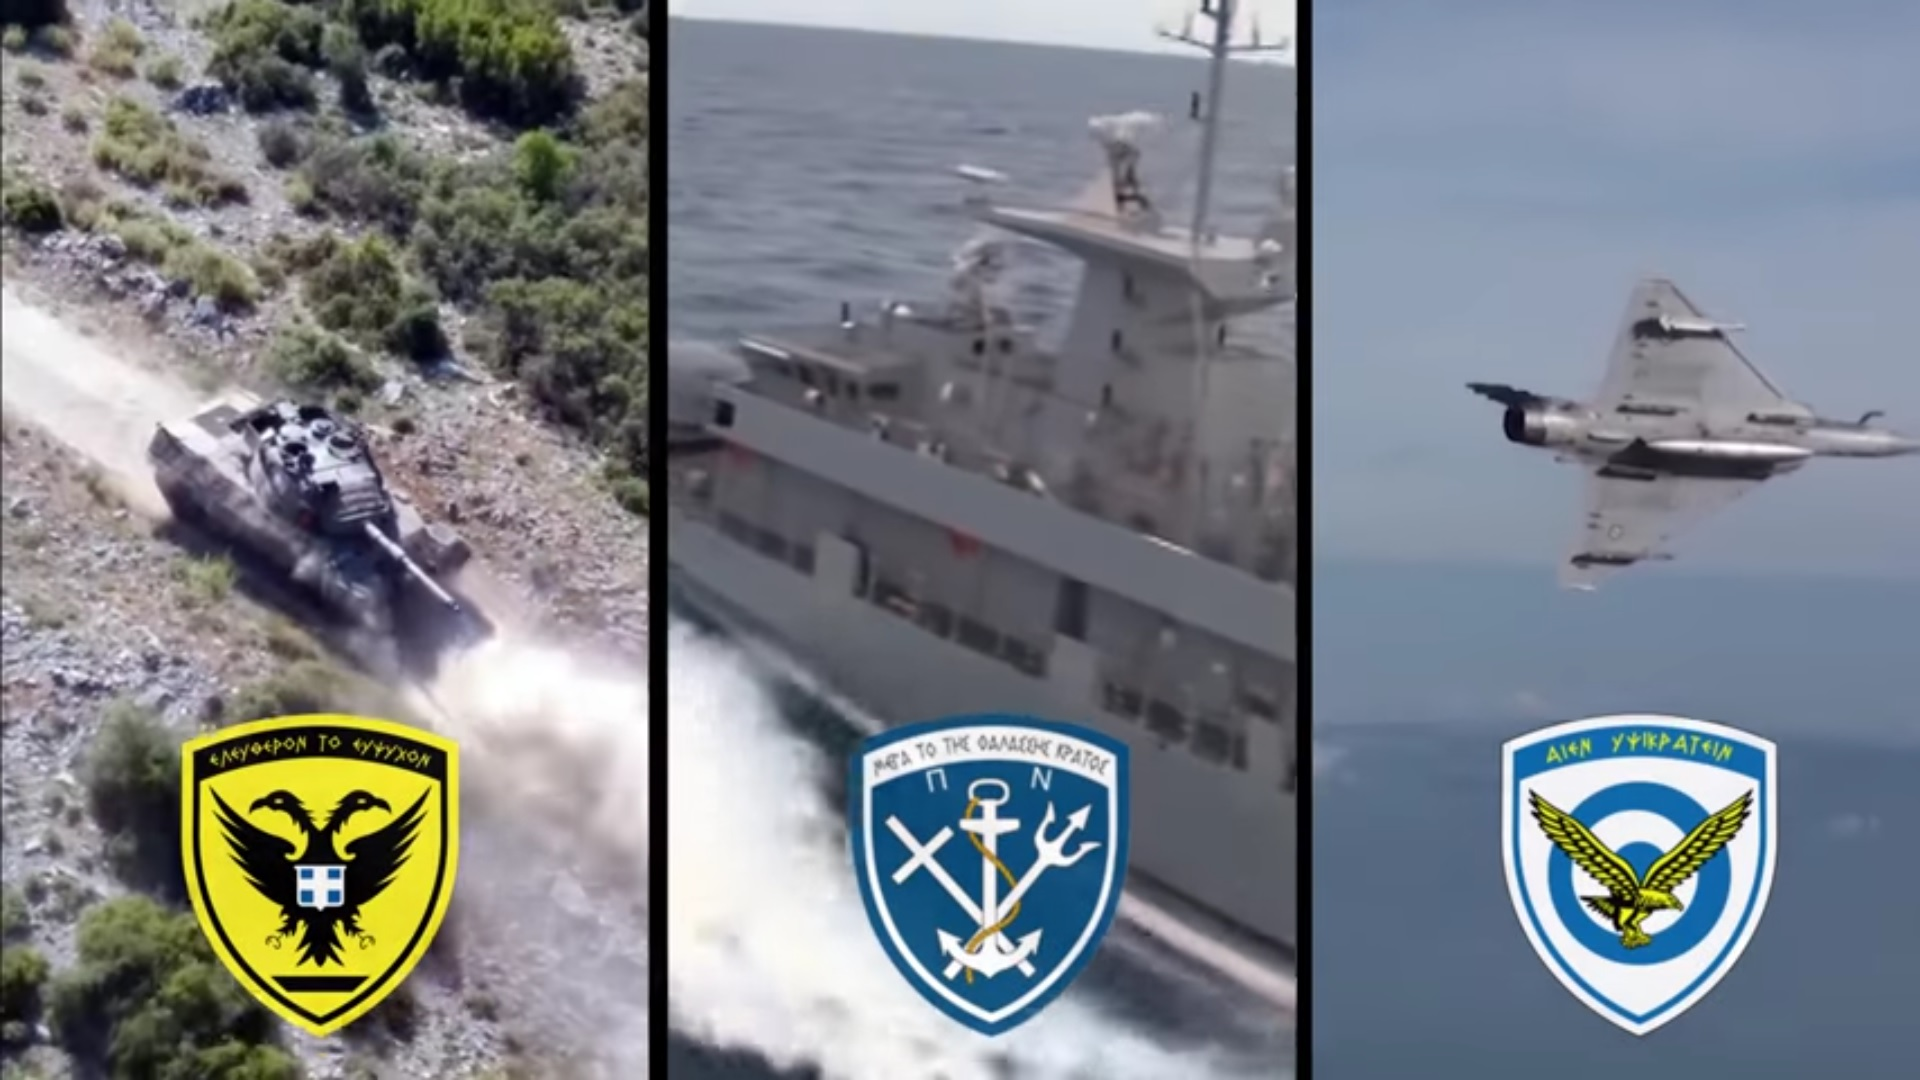 Νέα ηγεσία στις Ένοπλες Δυνάμεις της χώρας | Τα ονόματα των ...